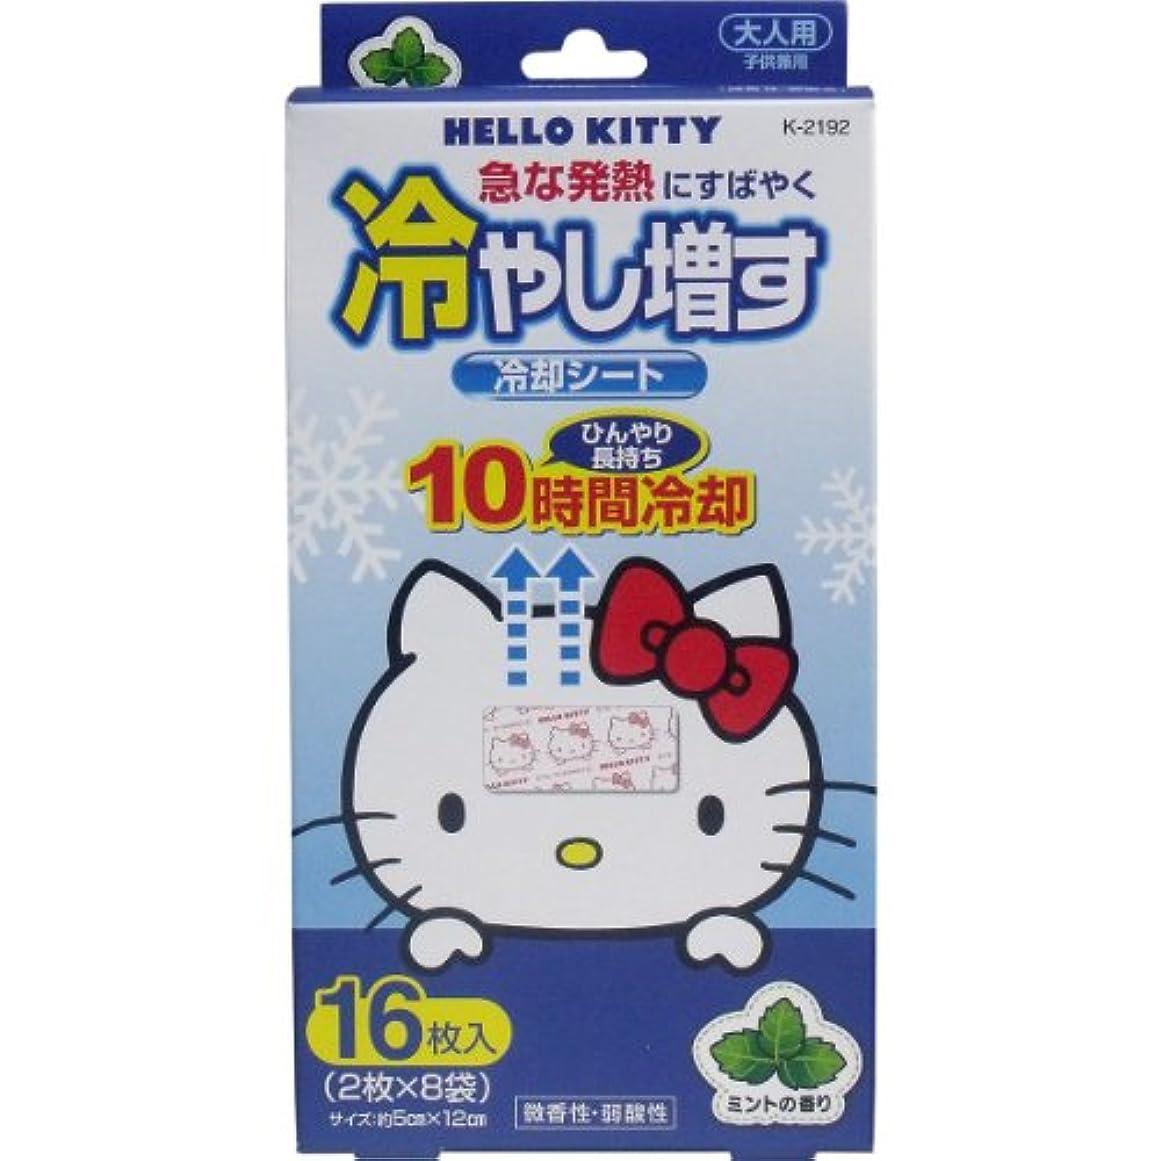 浴室温度エントリハローキティ 冷やし増す 冷却シート 大人用 ミントの香り 16枚入×5個セット(管理番号 4971902921921)